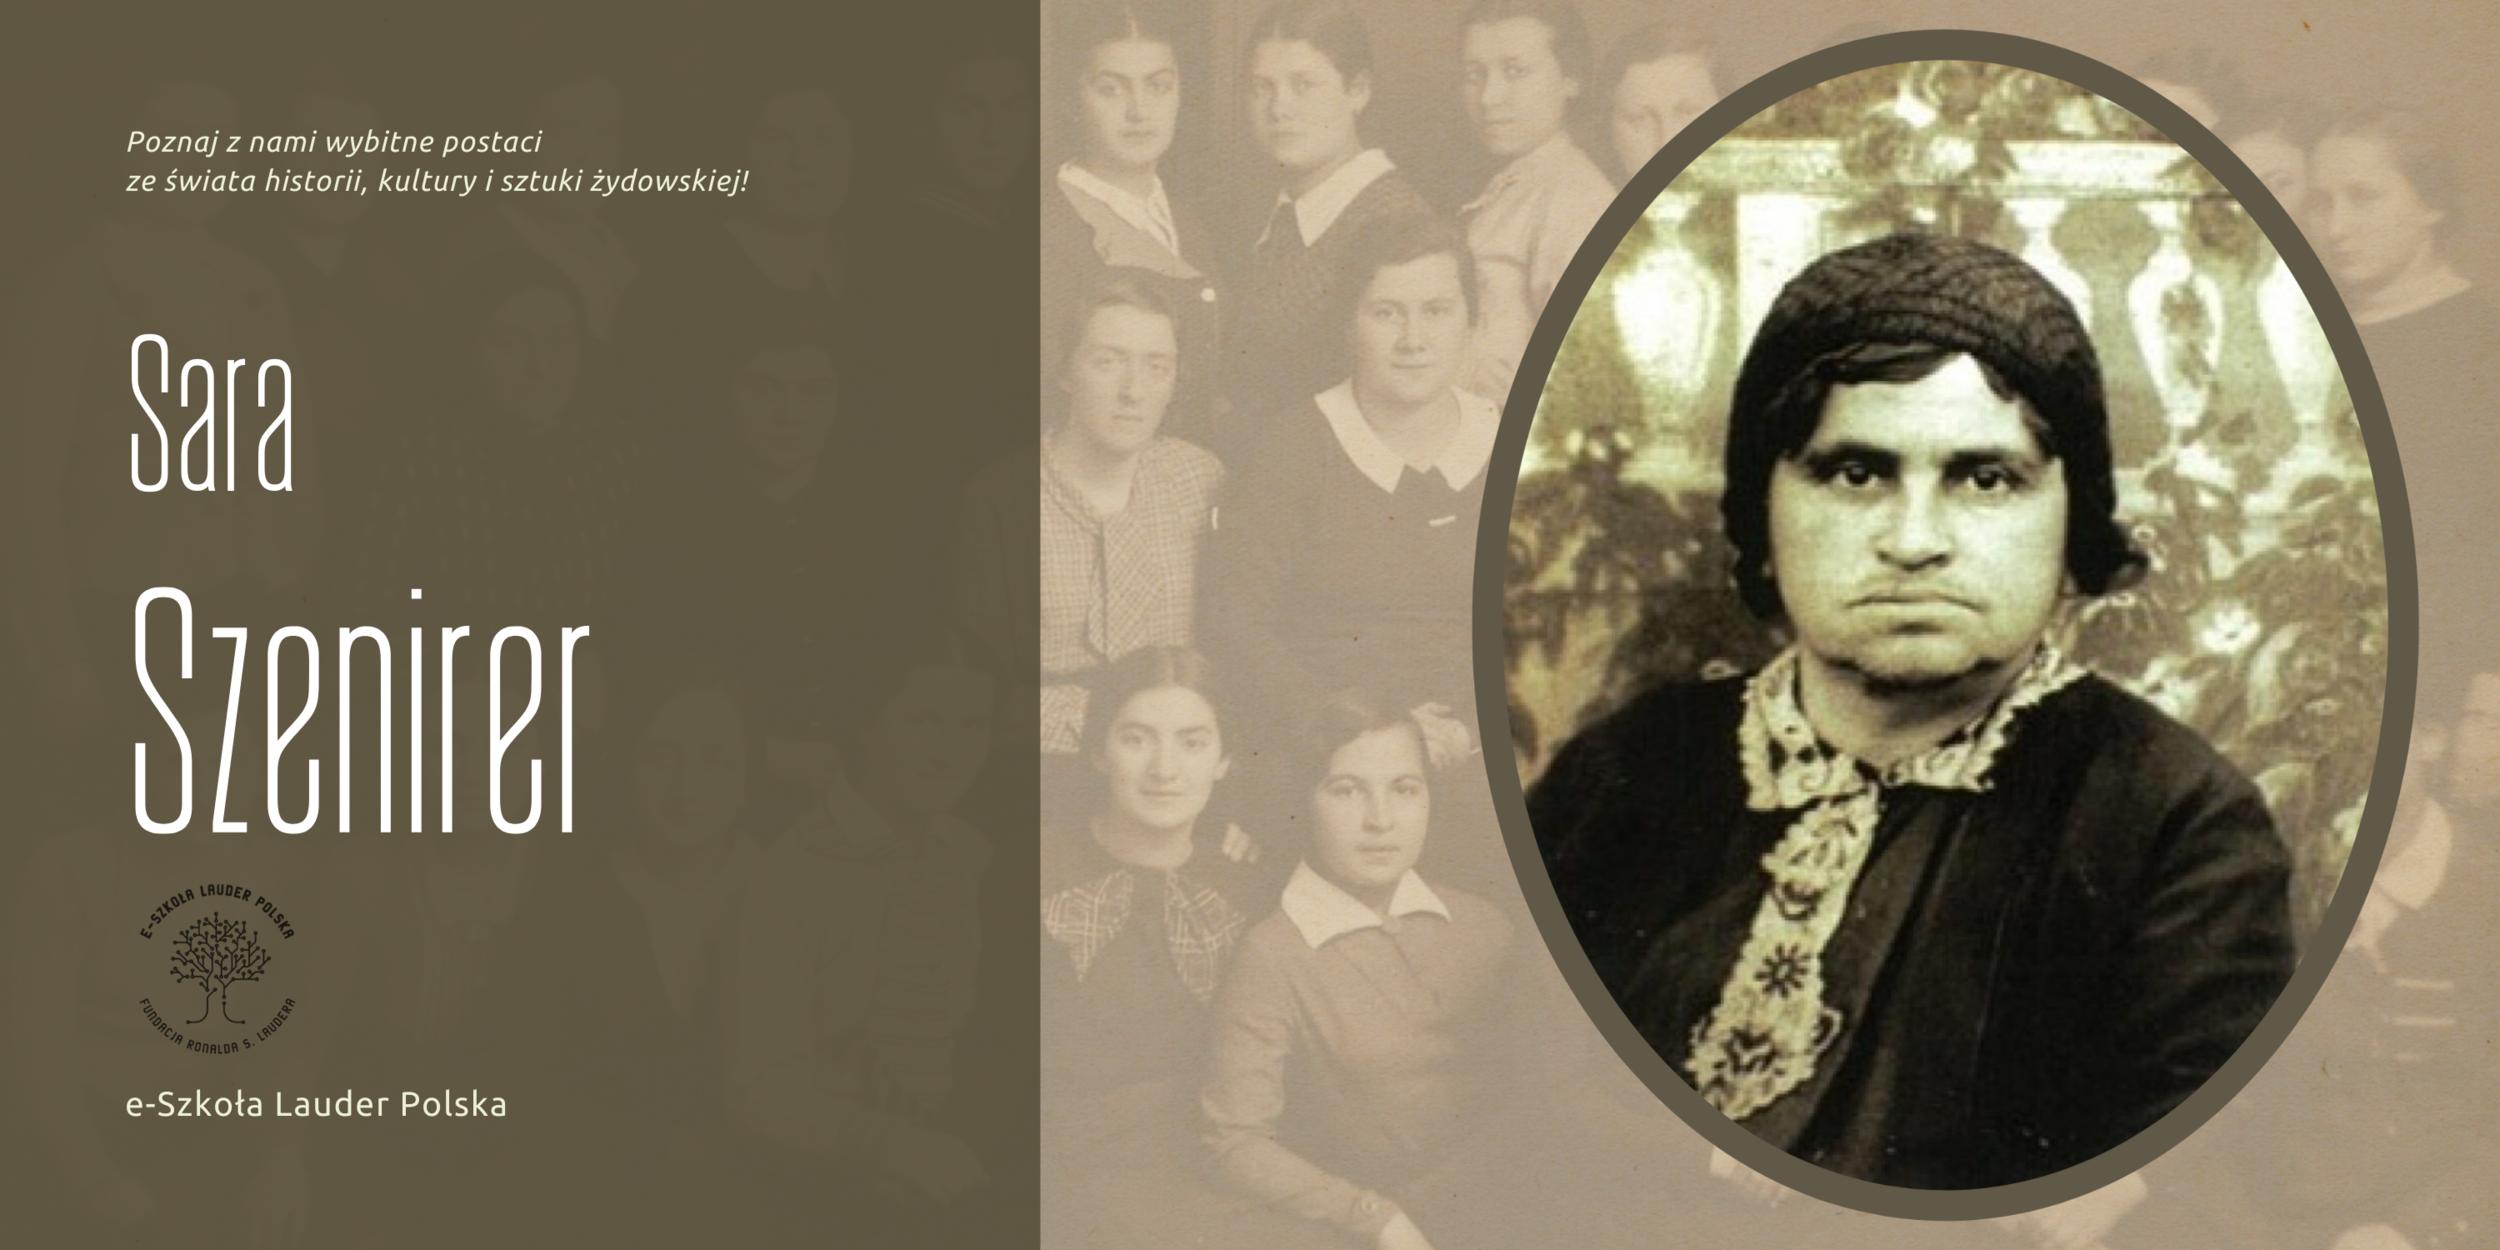 Sara Szenirer – nauczycielka, mentorka i rewolucjonistka